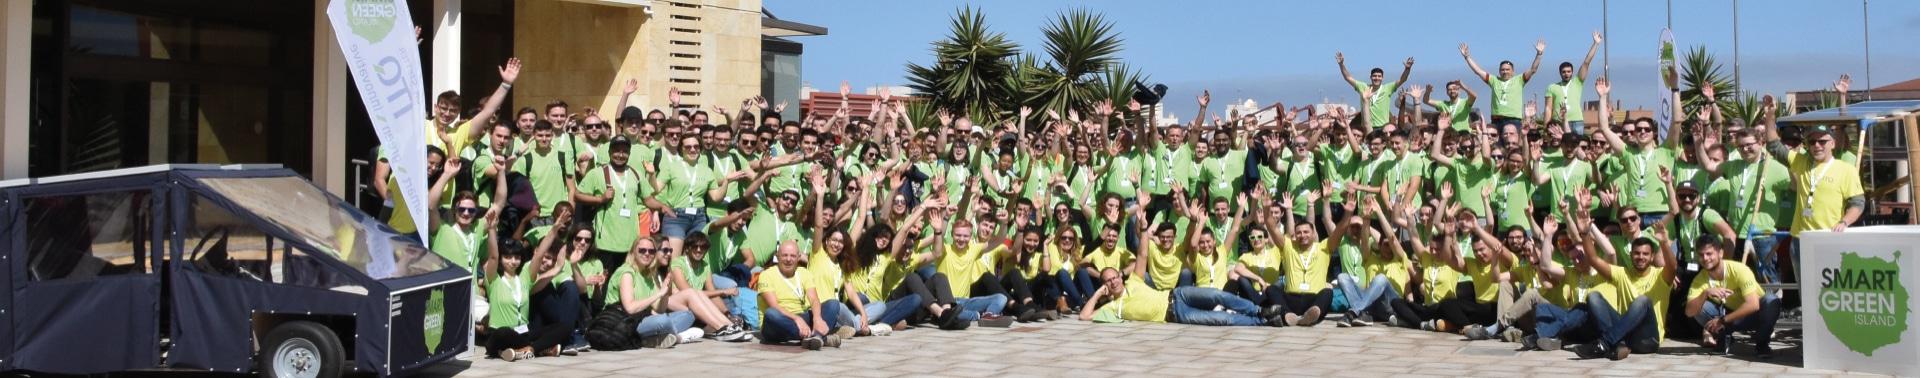 Jubelnde Teilnehmer des Smart Green Island Makeathons 2020.